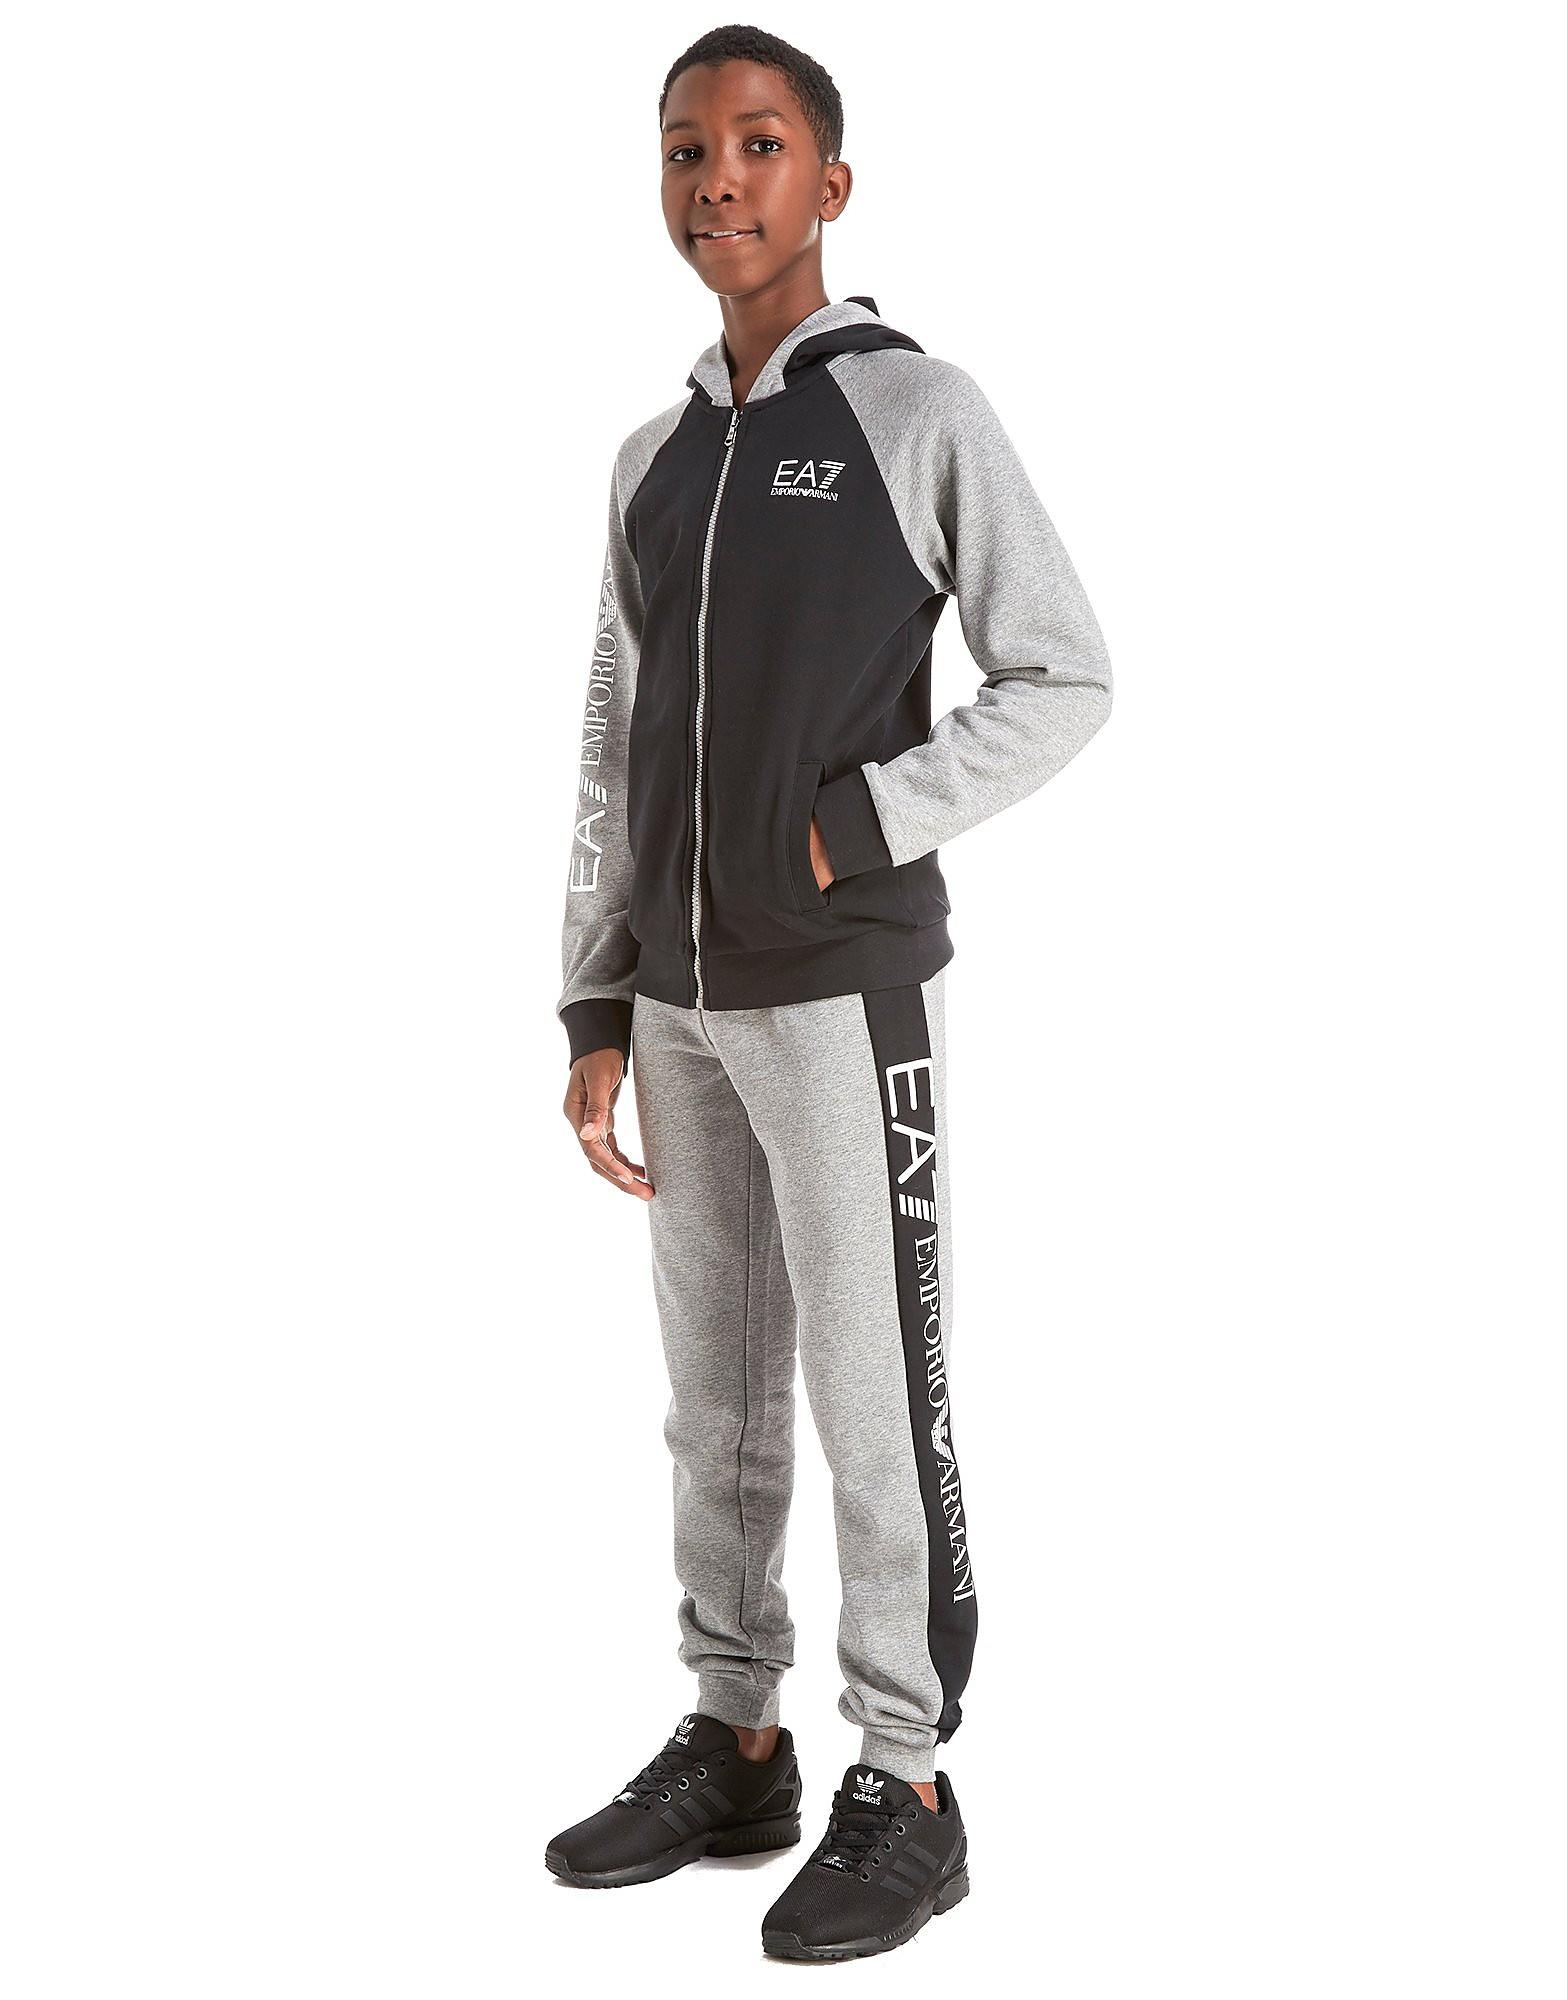 Emporio Armani EA7 Training Hooded Suit Junior